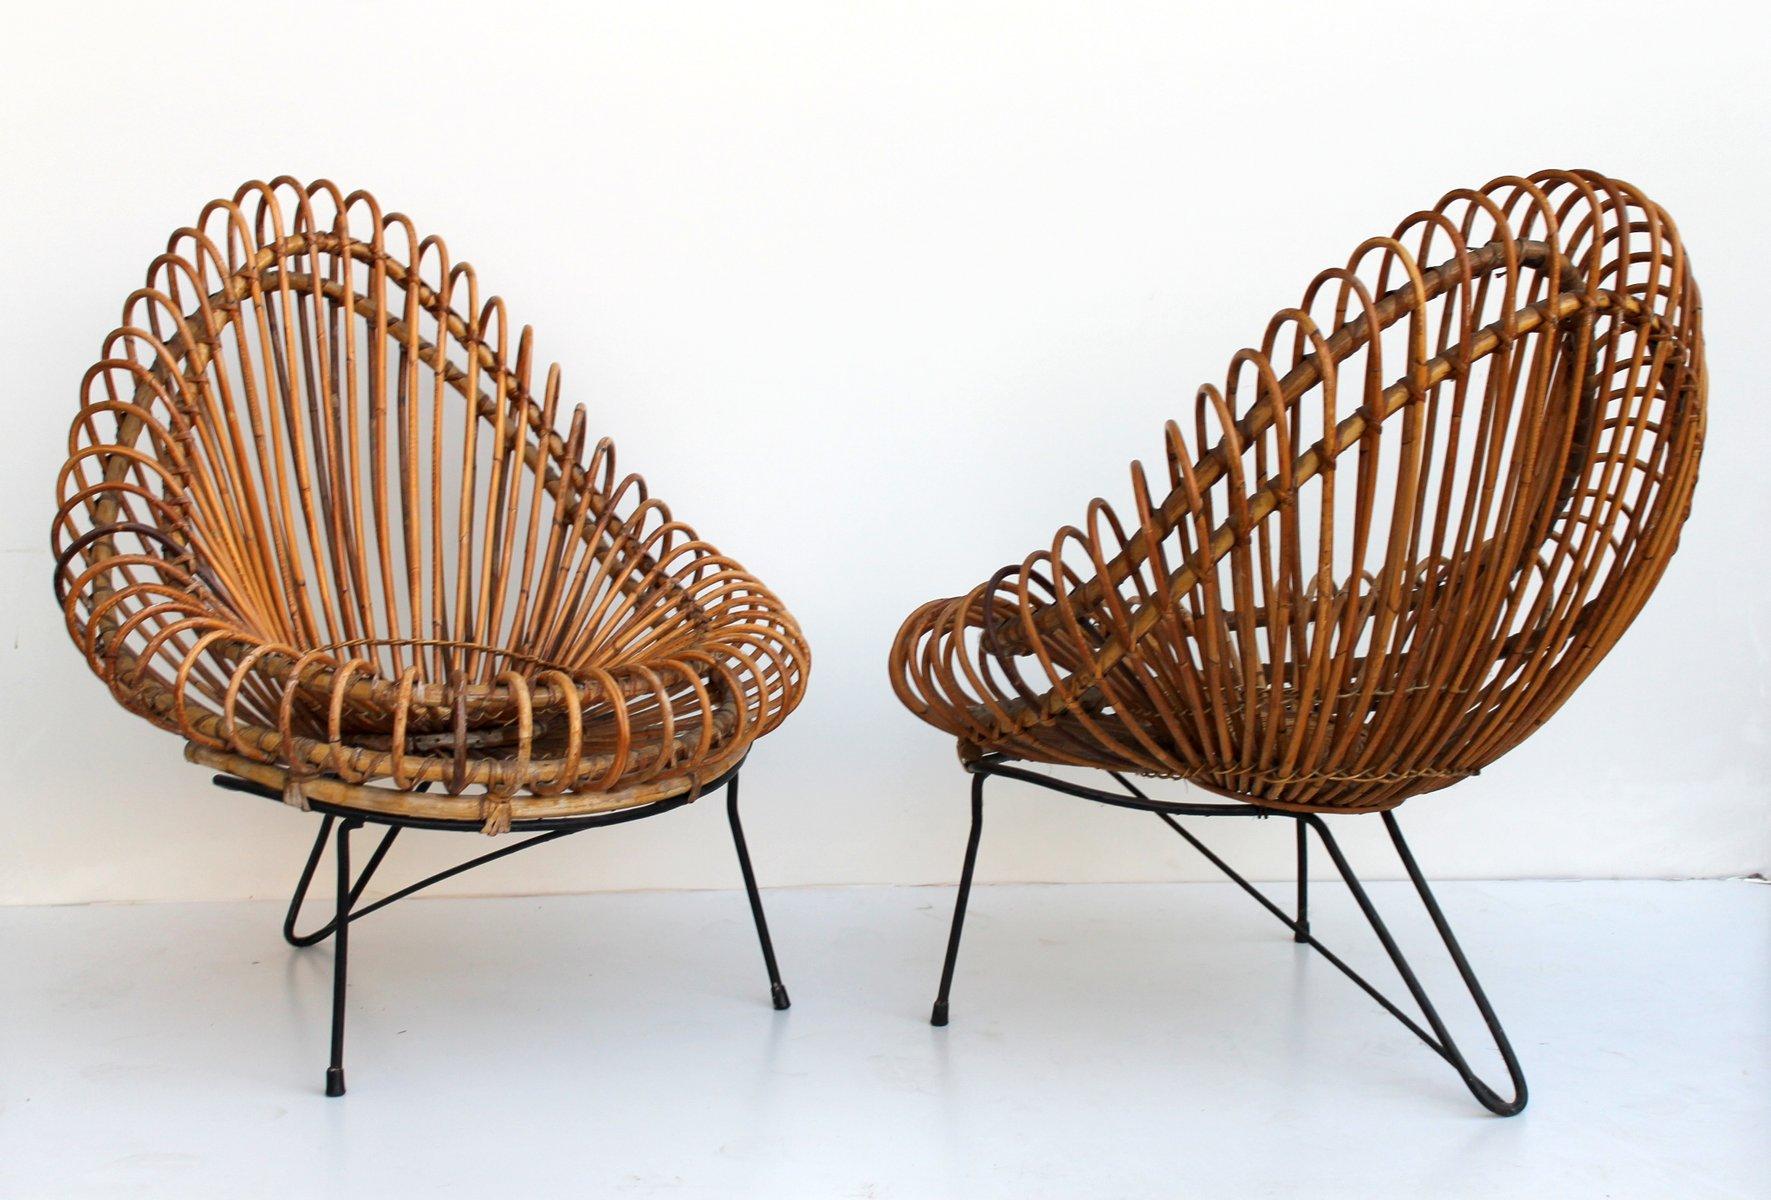 flechtwaren sessel und tisch von janine abraham dirk jan rol f r edition rougier 1955 bei. Black Bedroom Furniture Sets. Home Design Ideas